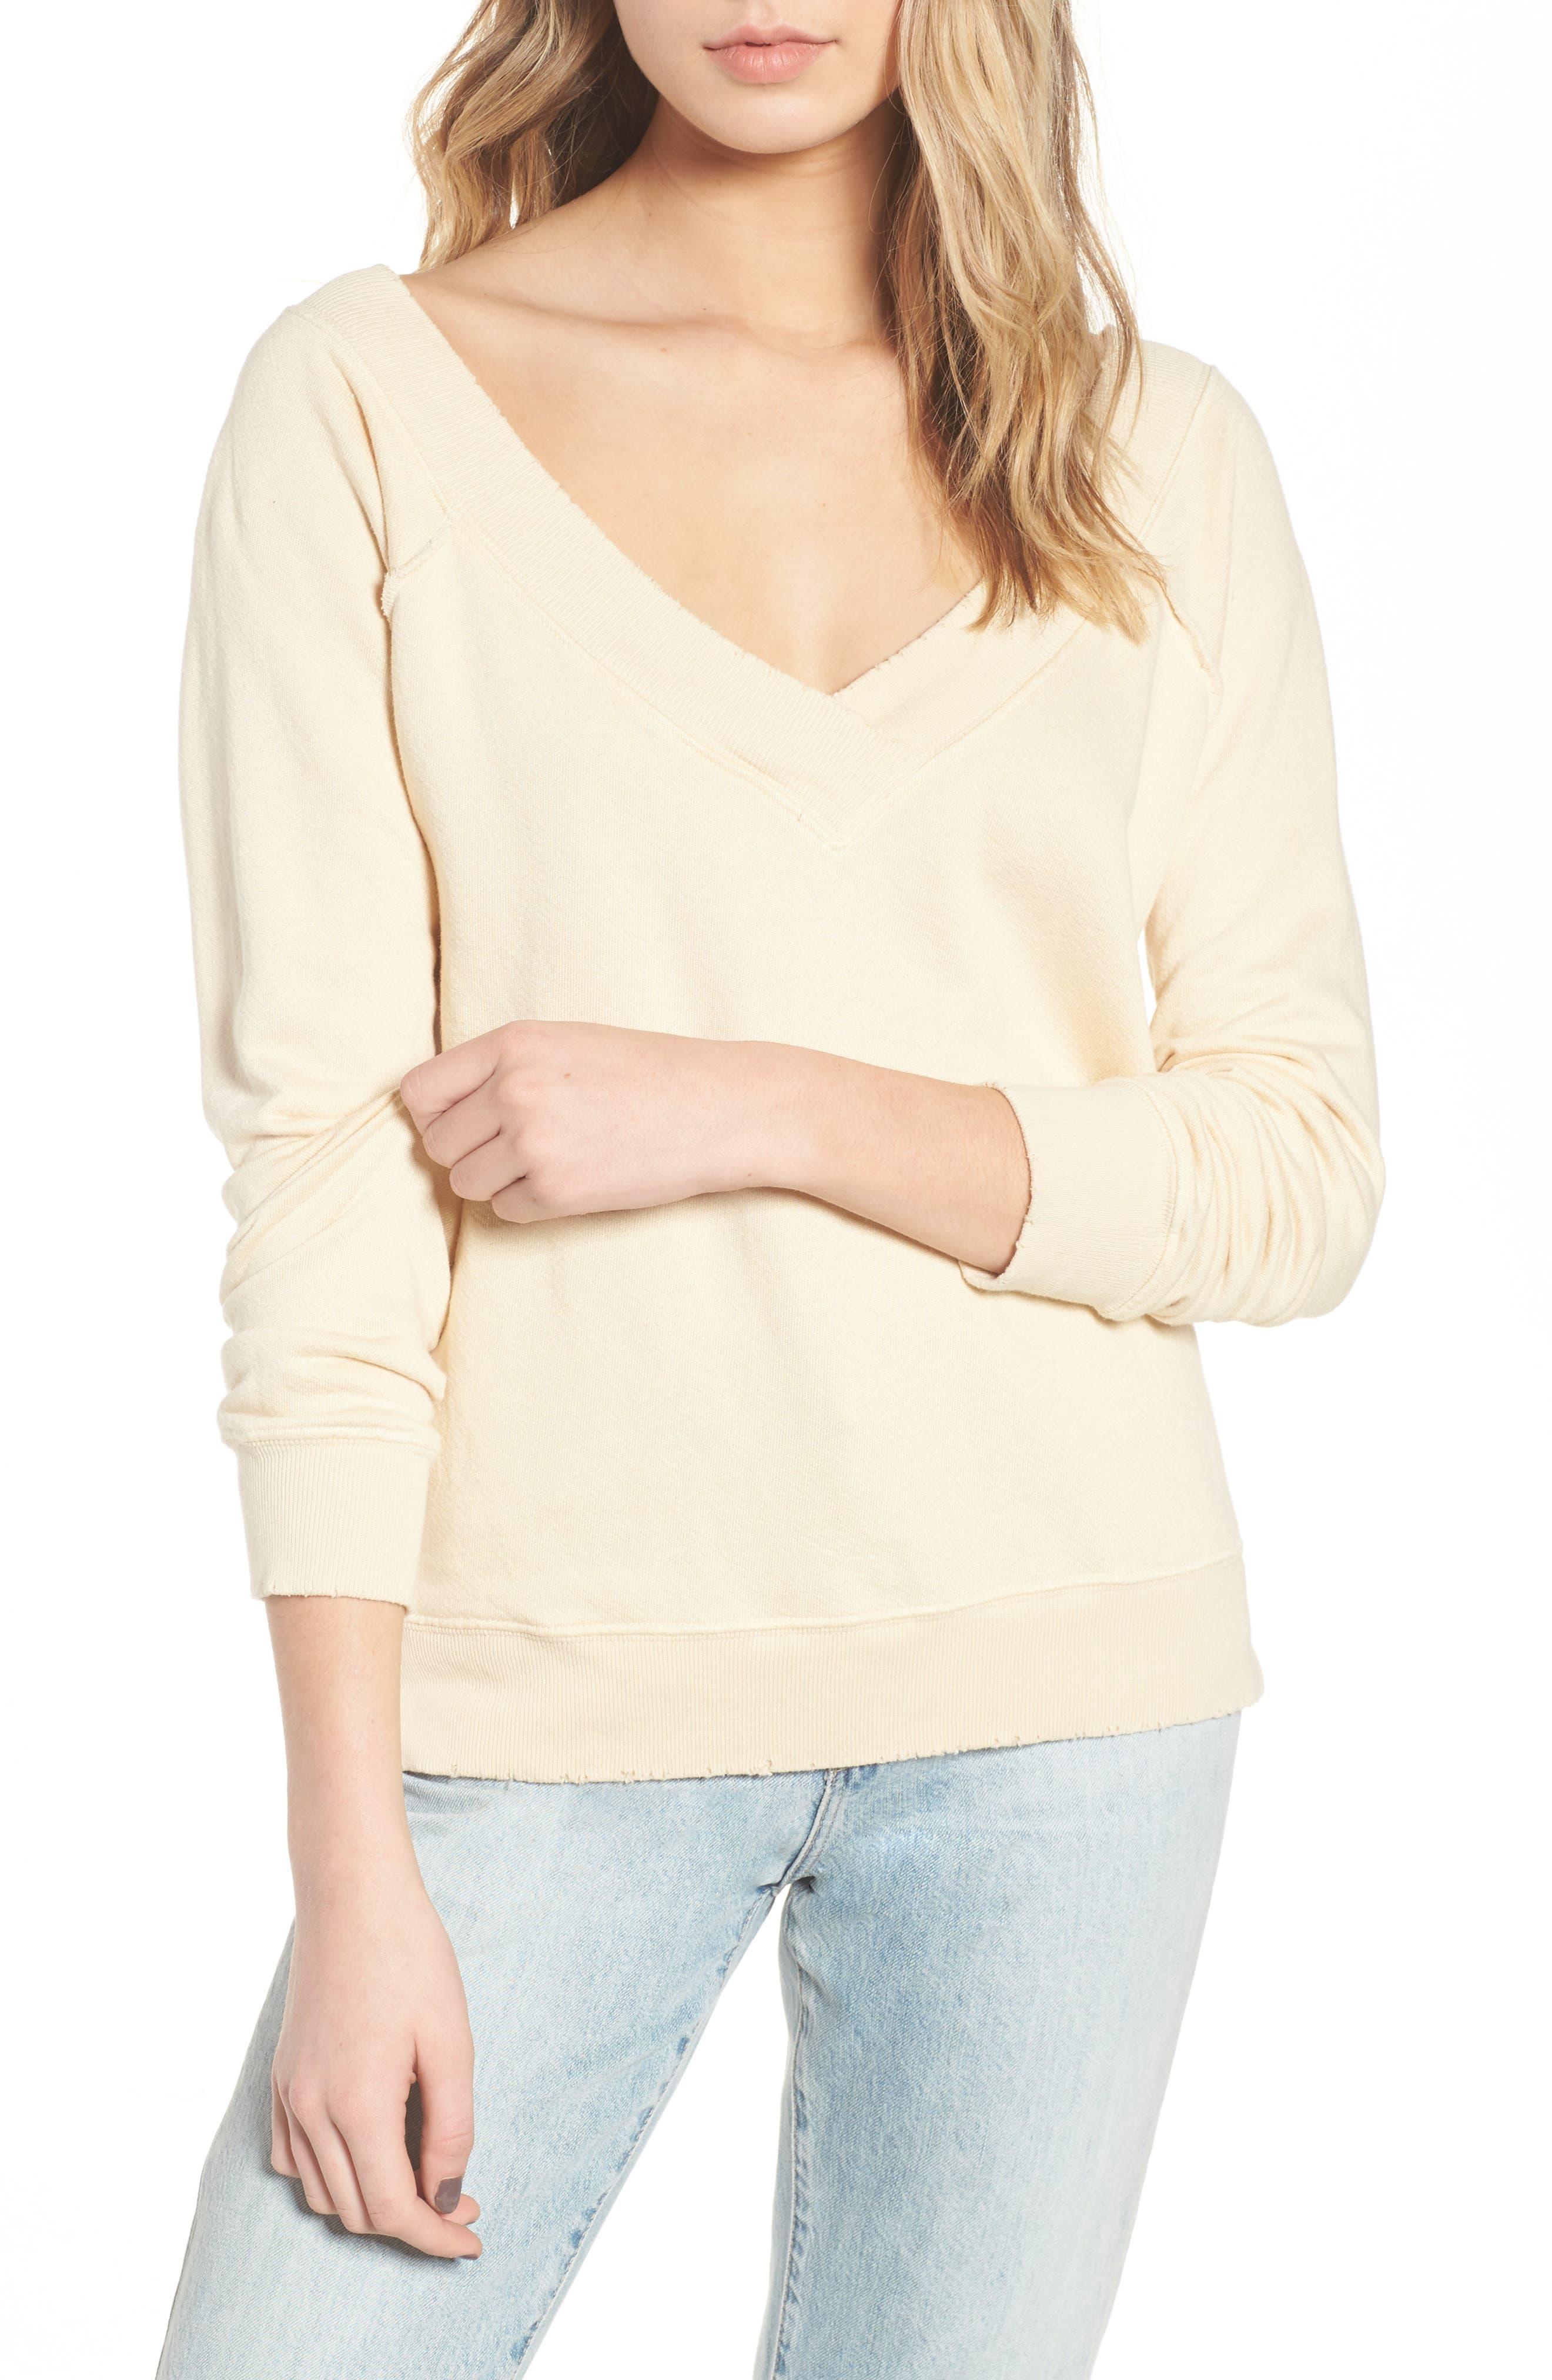 Mayer V-Neck Sweatshirt,                             Main thumbnail 1, color,                             Citrus Dust